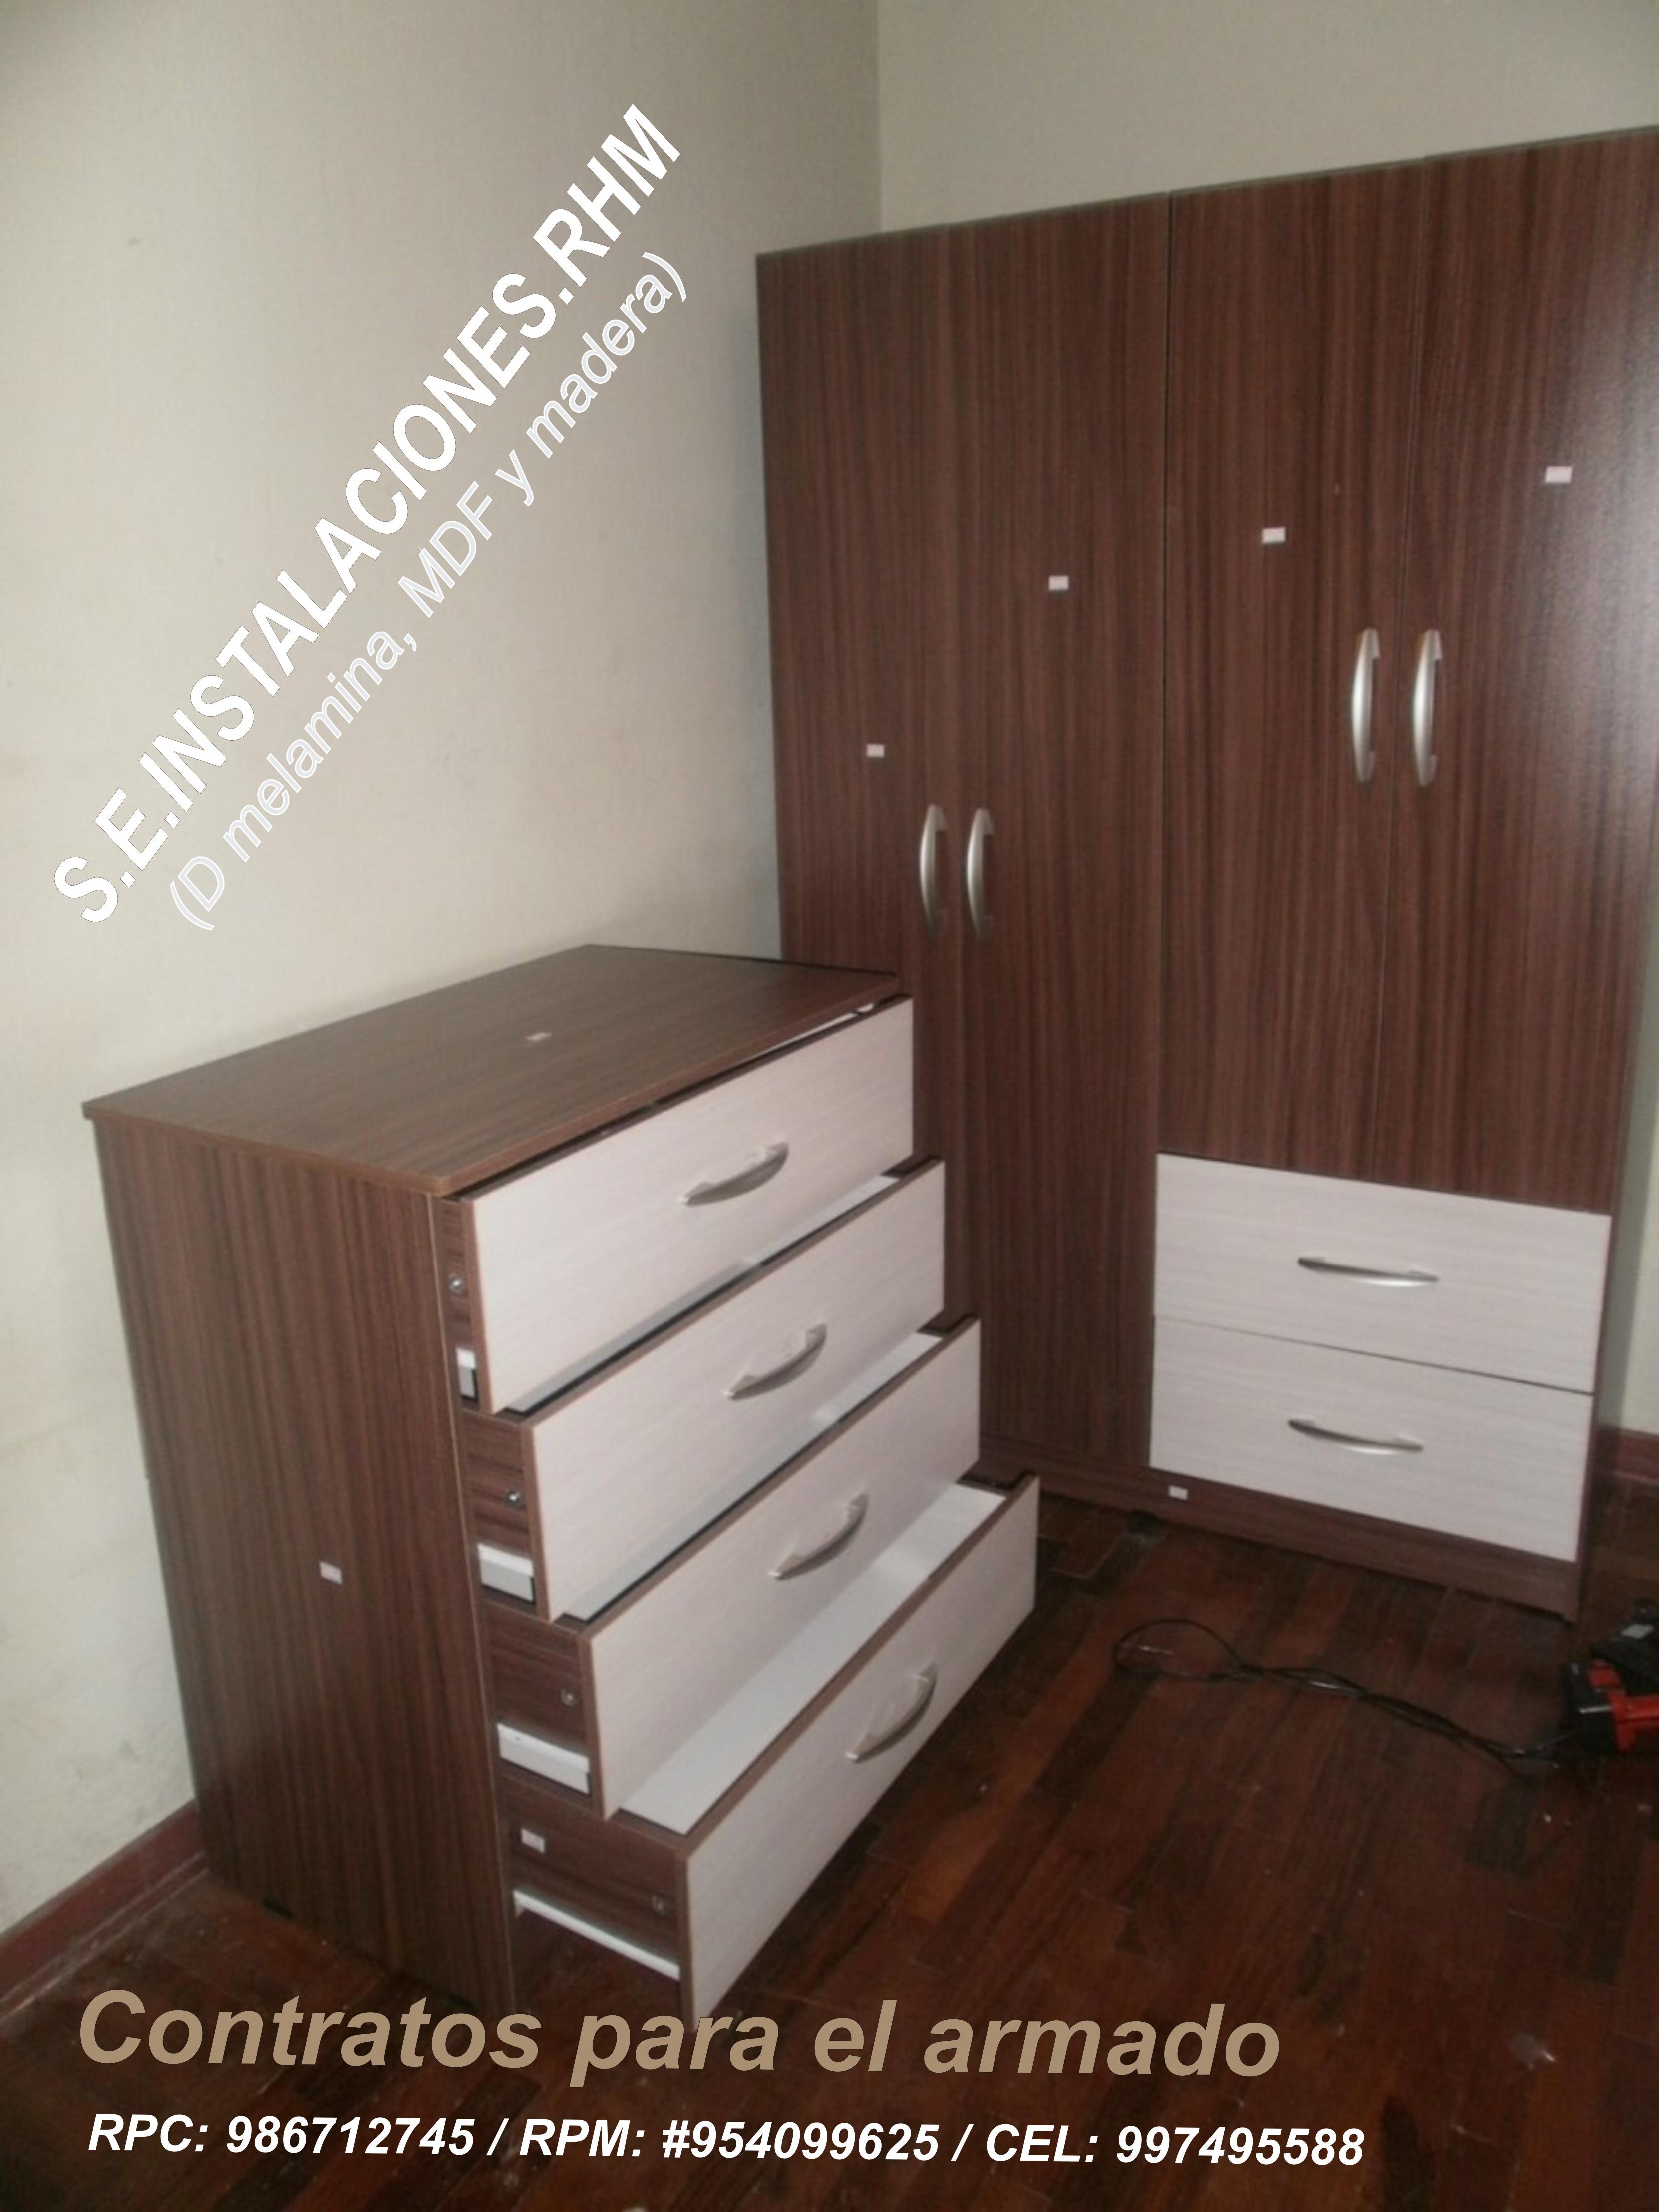 Armado de muebles de melamina de promart oechsle paris for Armado de muebles de cocina